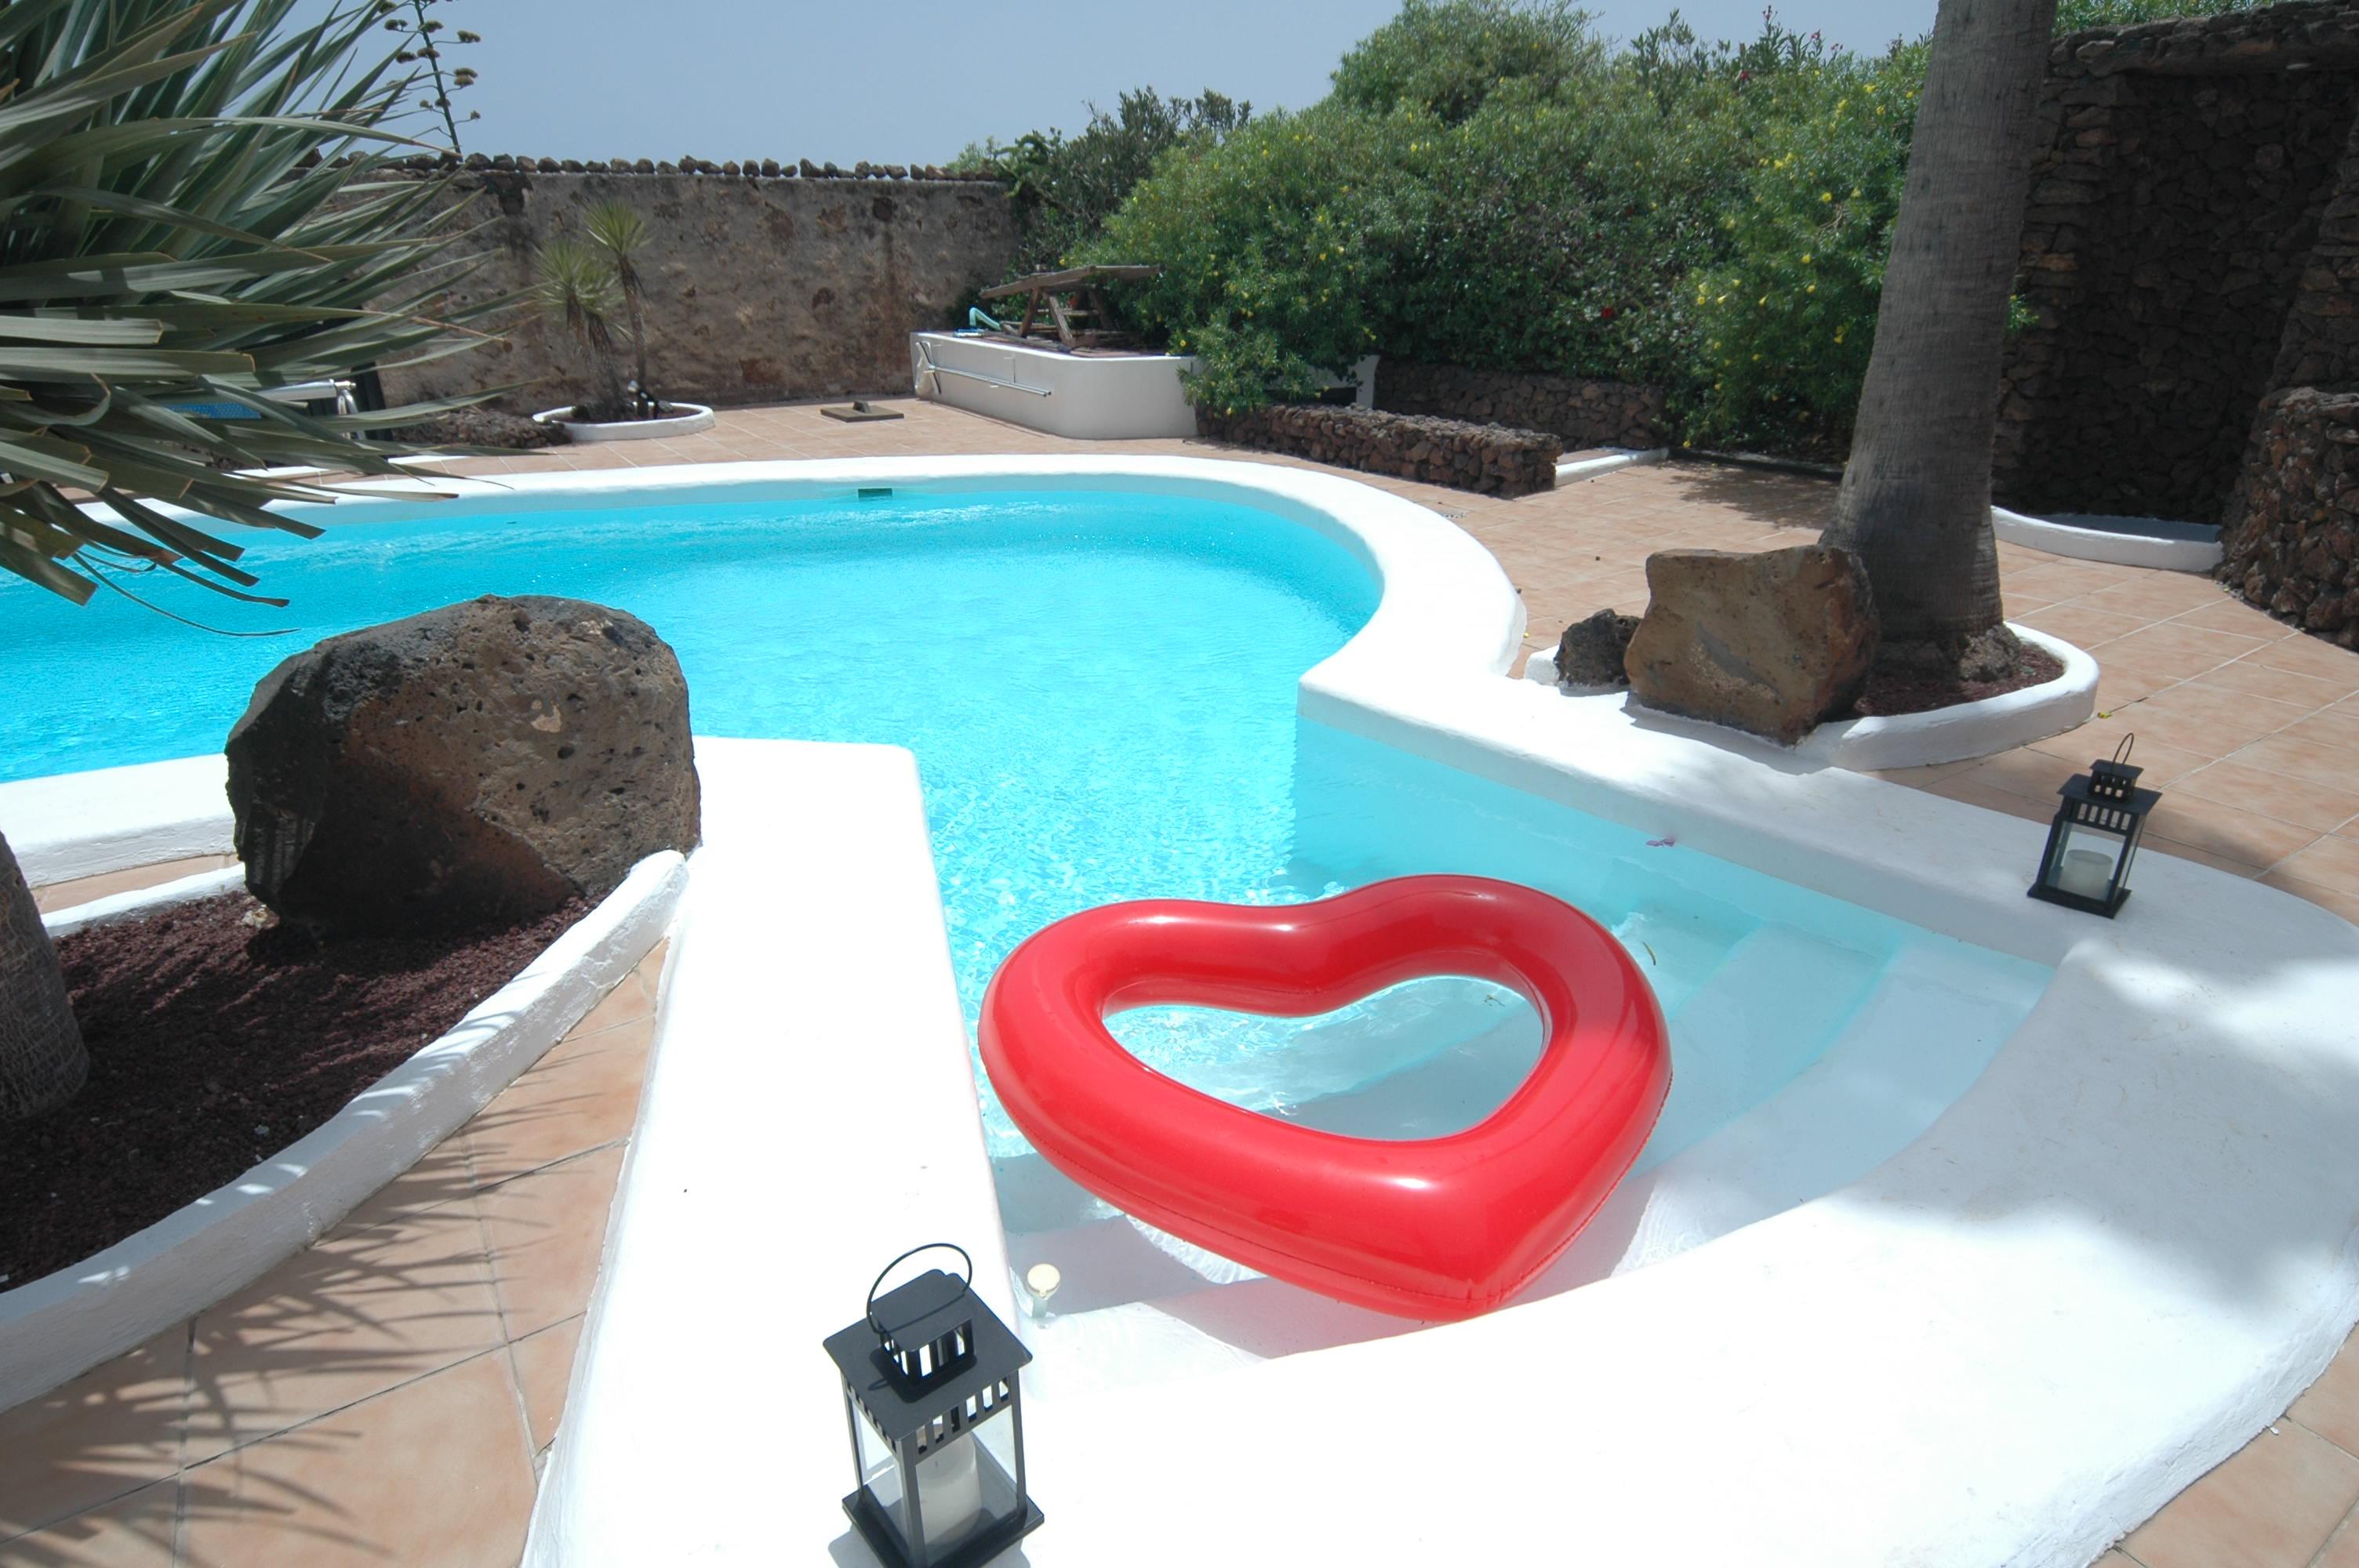 LVC198594 Pool